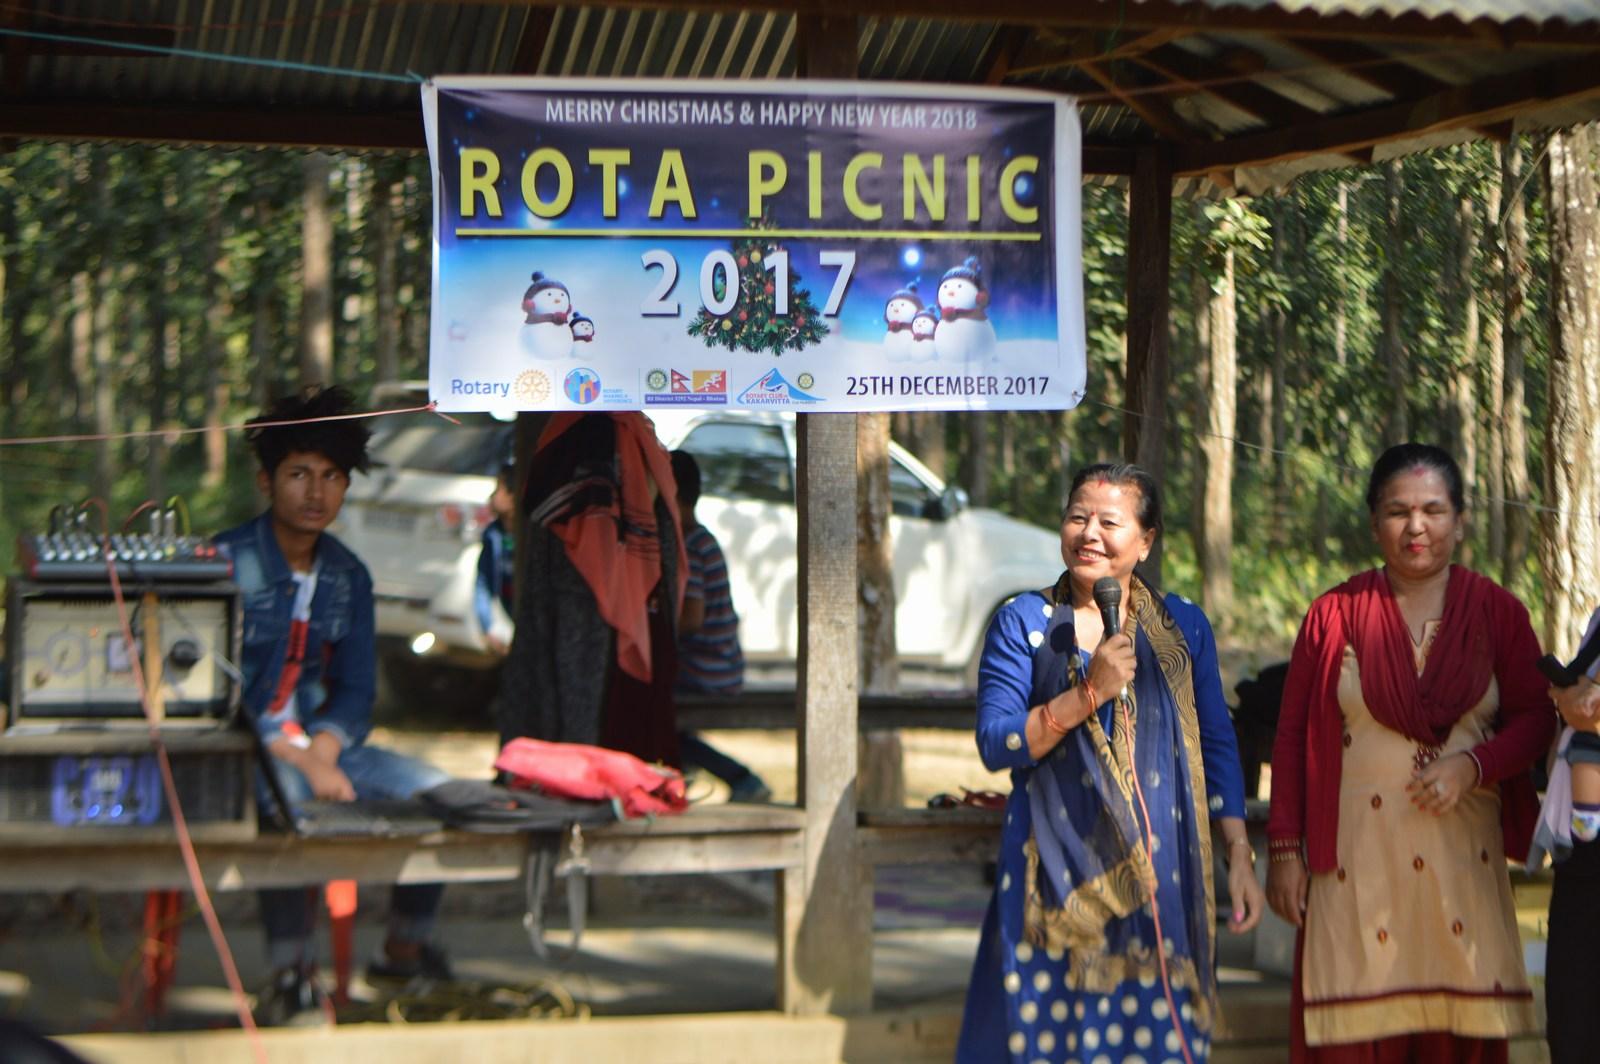 Rota-Picnic-2017-Rotary-Club-of-Kakarvitta-83